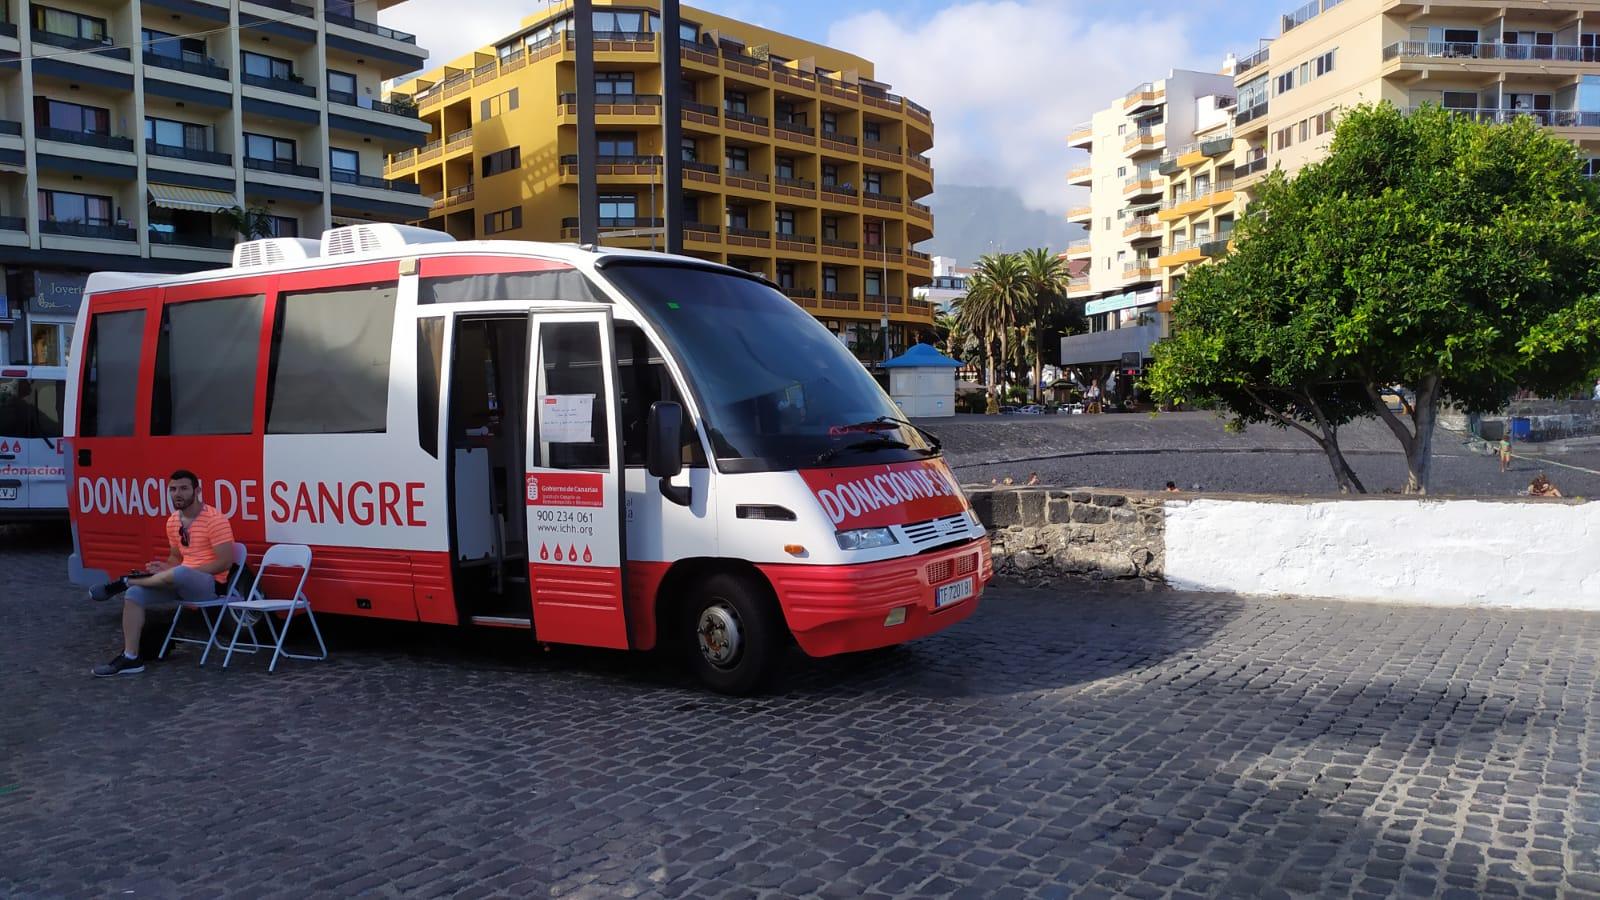 Una unidad móvil del ICHH visita Puerto de la Cruz dentro de la campaña de donación de sangre